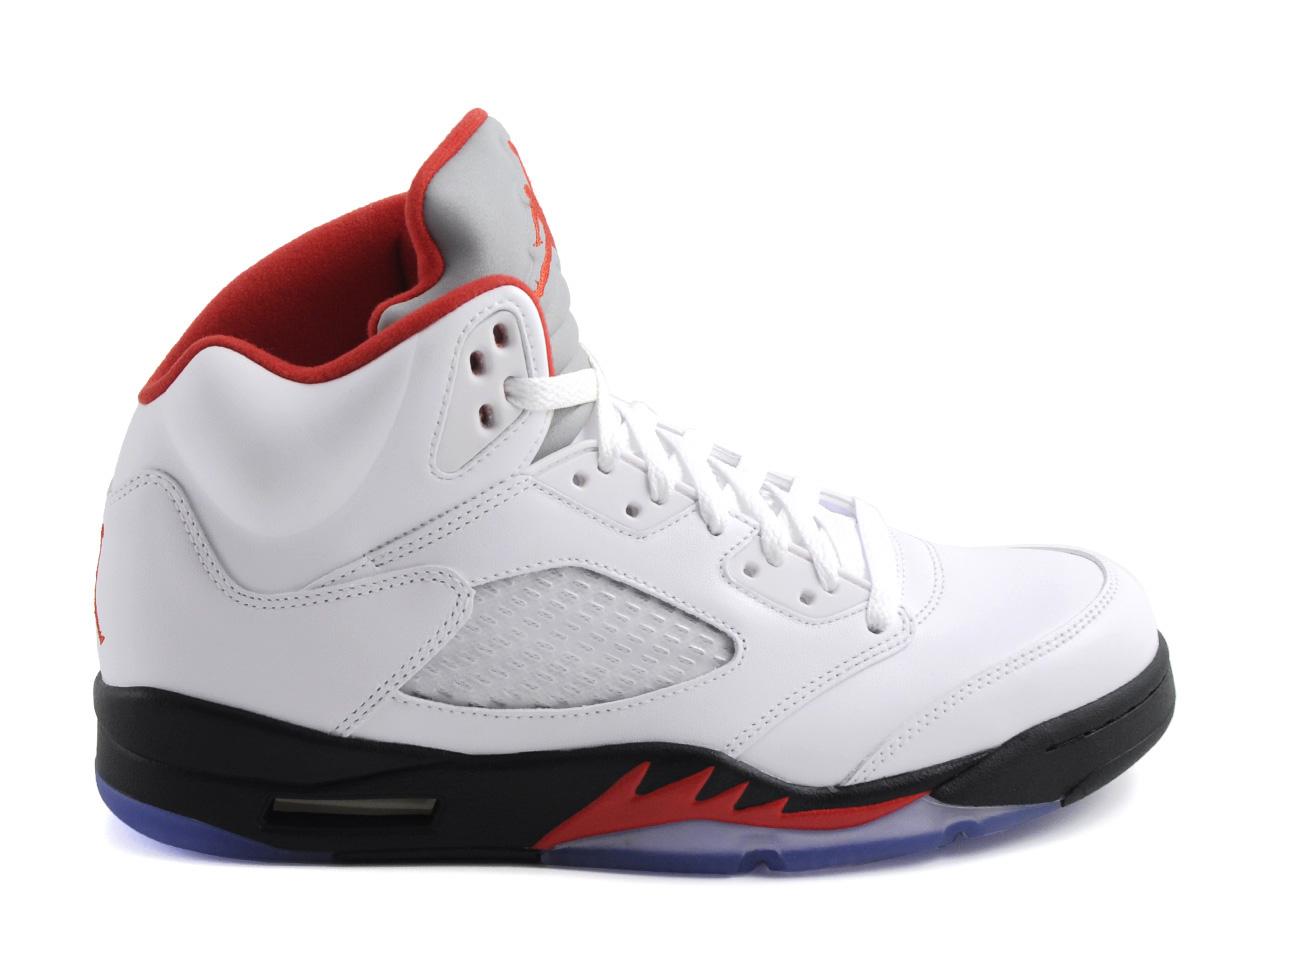 84bfafd19c2367 ... Nike Air Jordan 5 Retro Fire Red ...